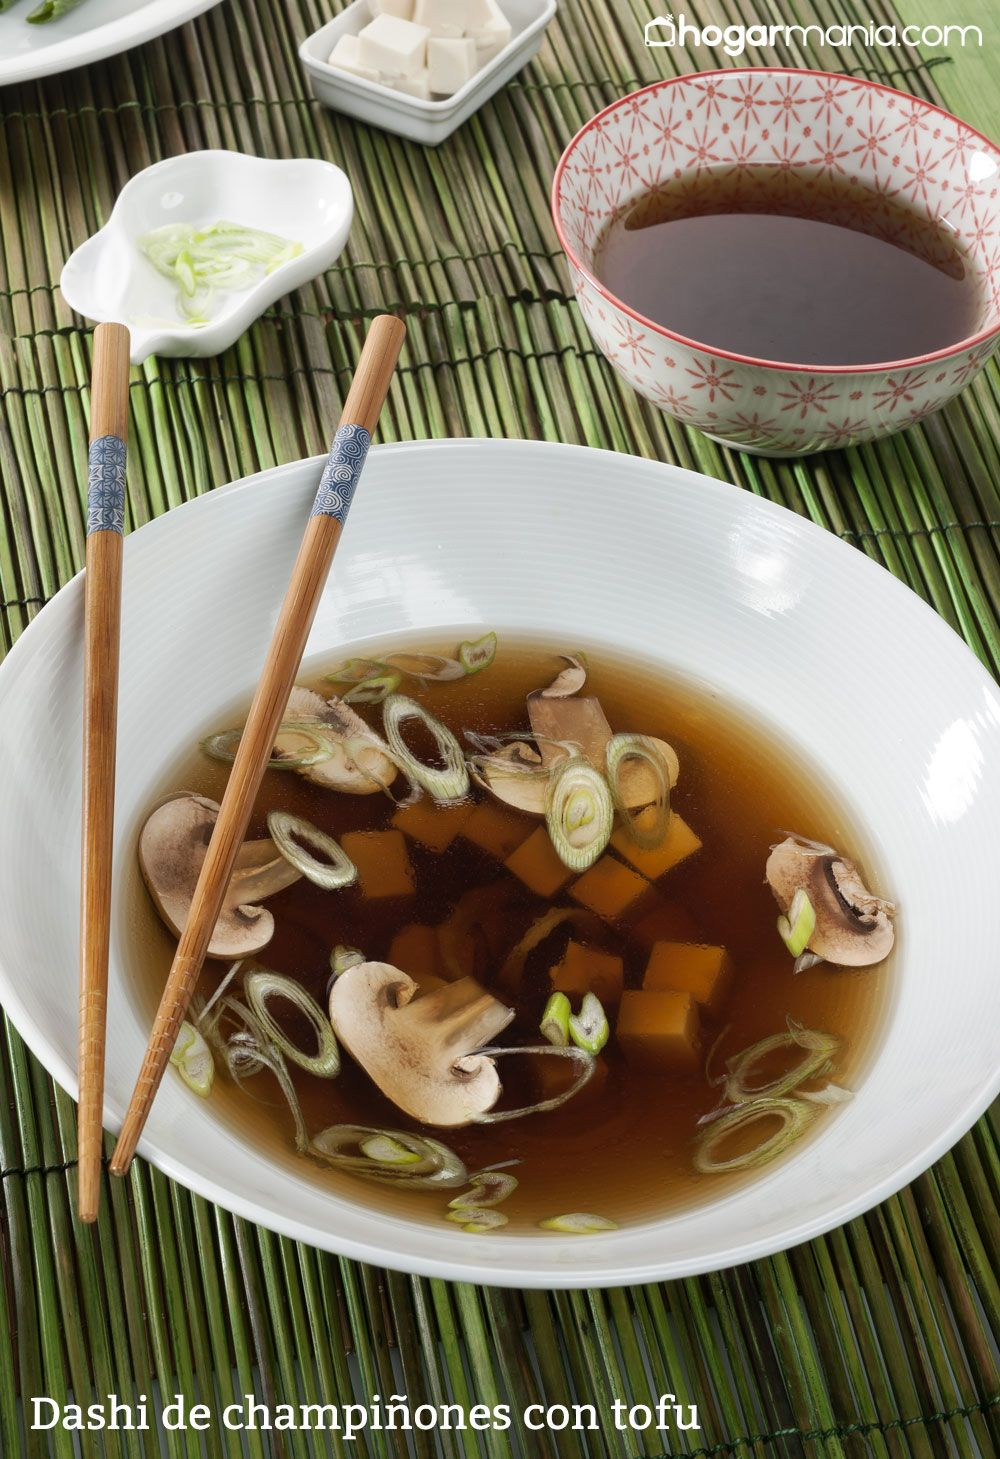 Dashi de champiñones con tofu